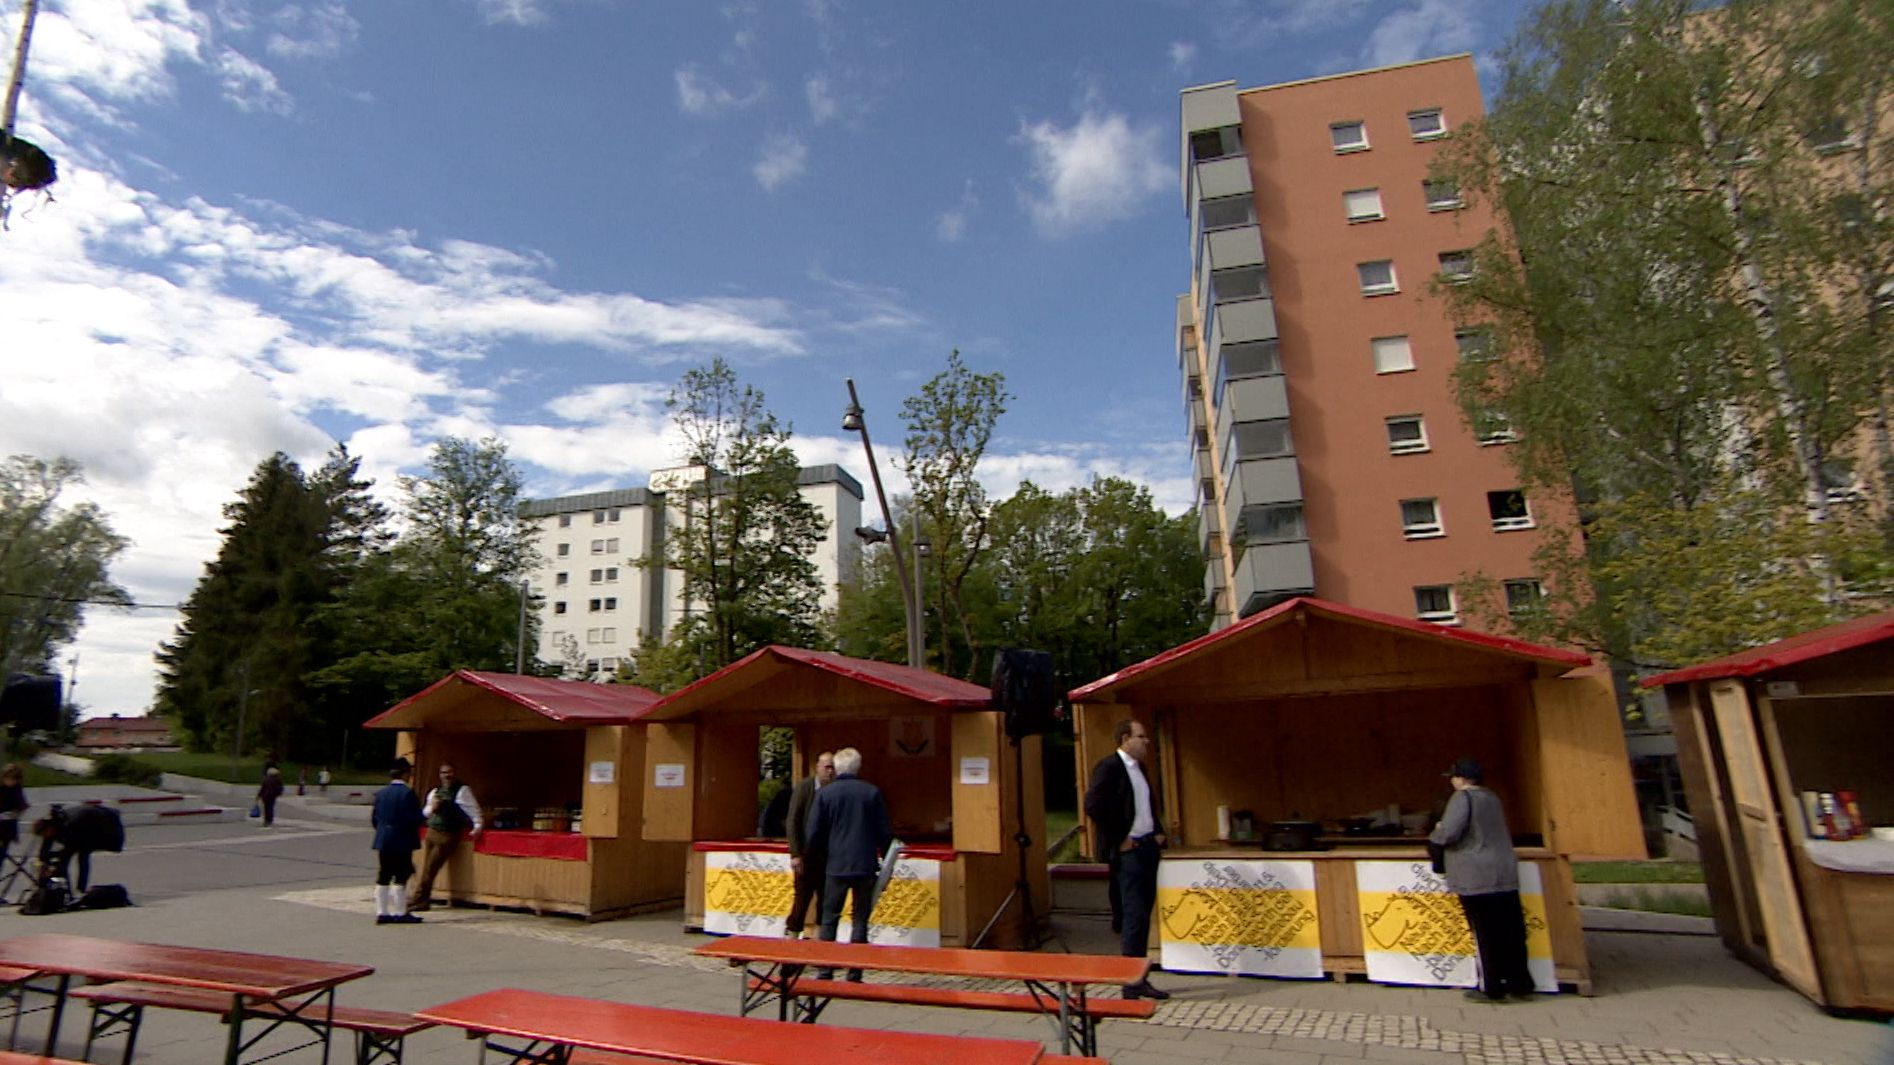 Tag der Städtebauförderung - Politprominenz in Donauwörth